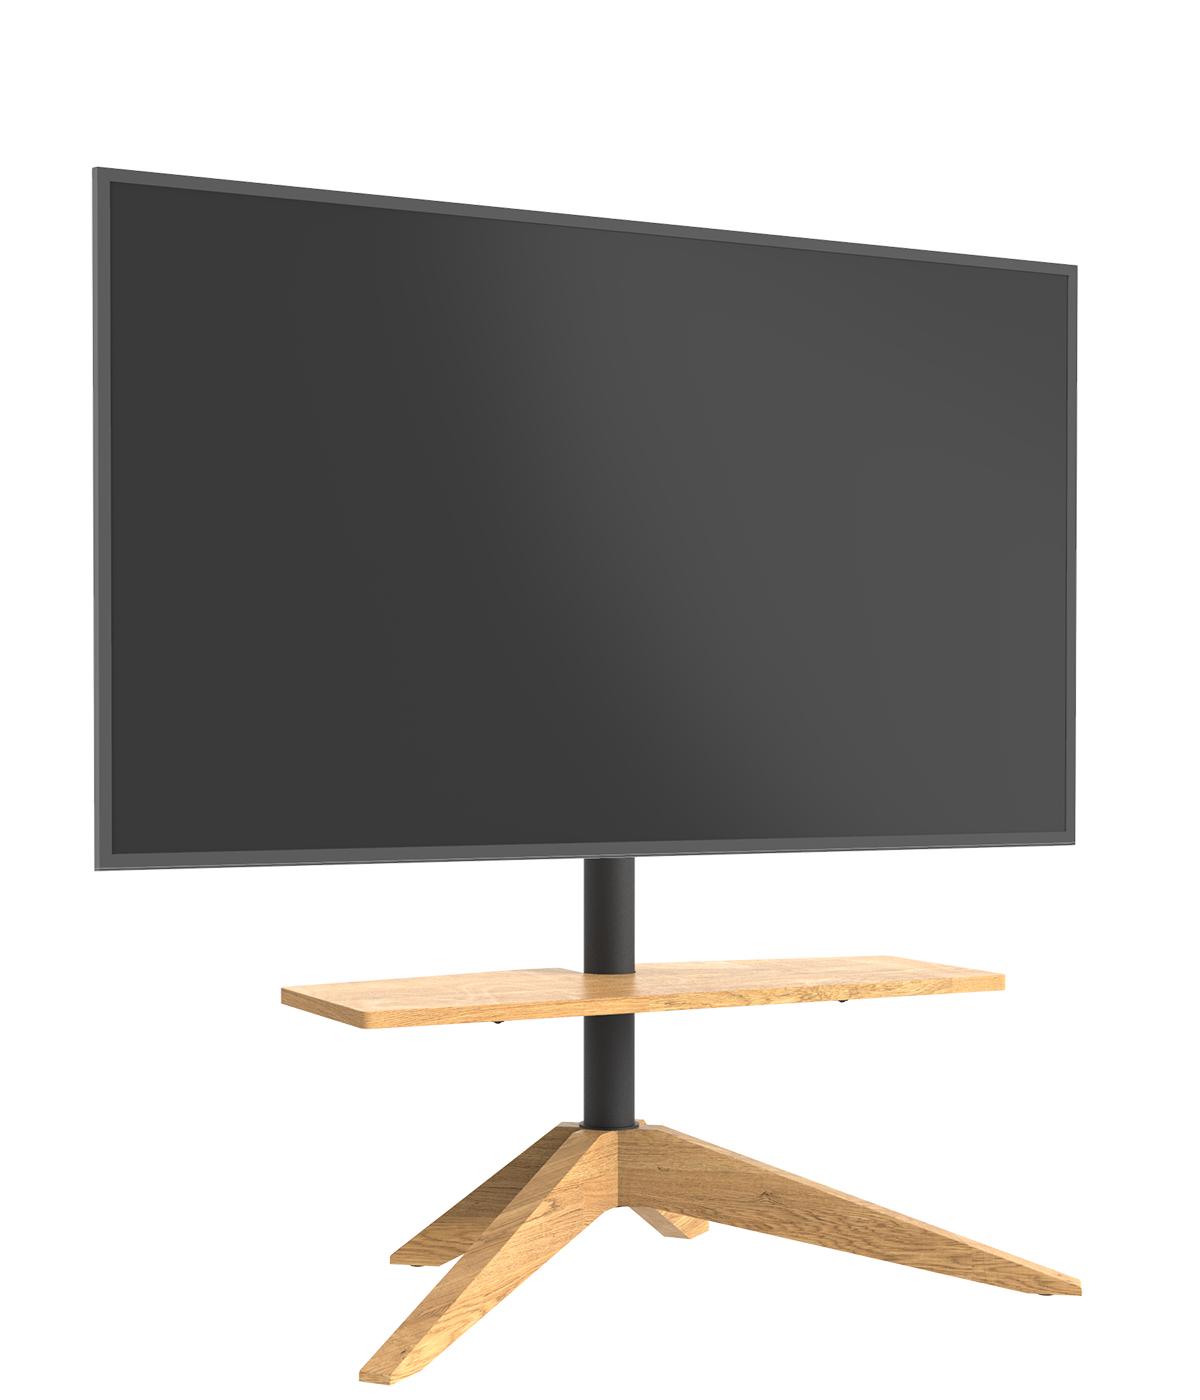 Cavus Tv vloerstandaard Cross Oak VESA 400x300